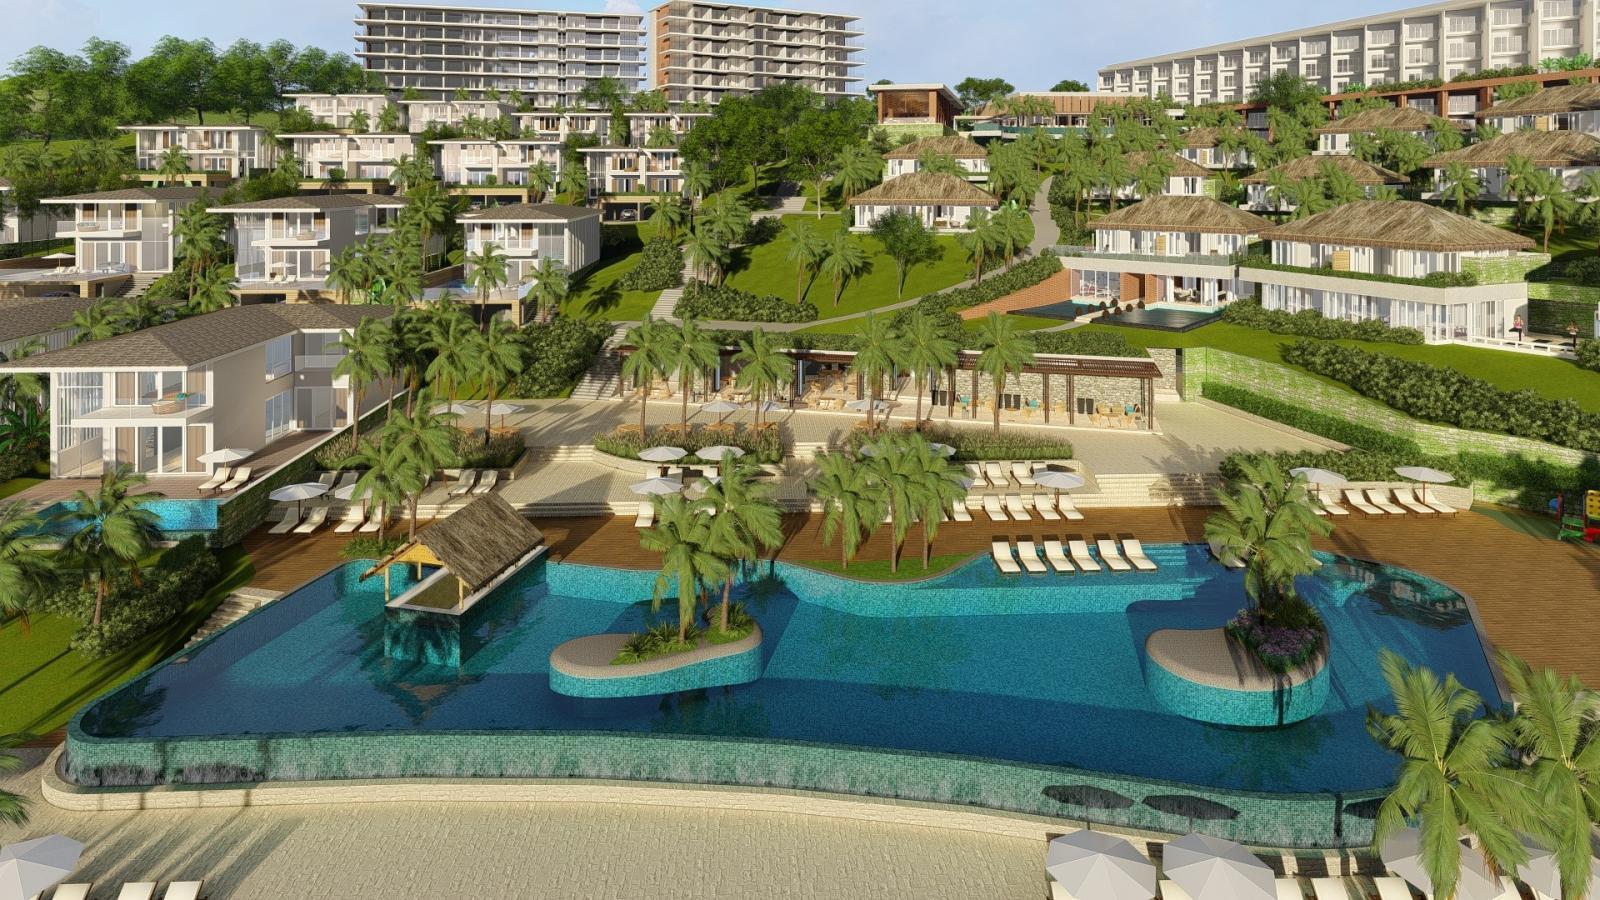 dự án bất động sản nghỉ dưỡng gồm nhiều biệt thự có cây xanh xen kẽ